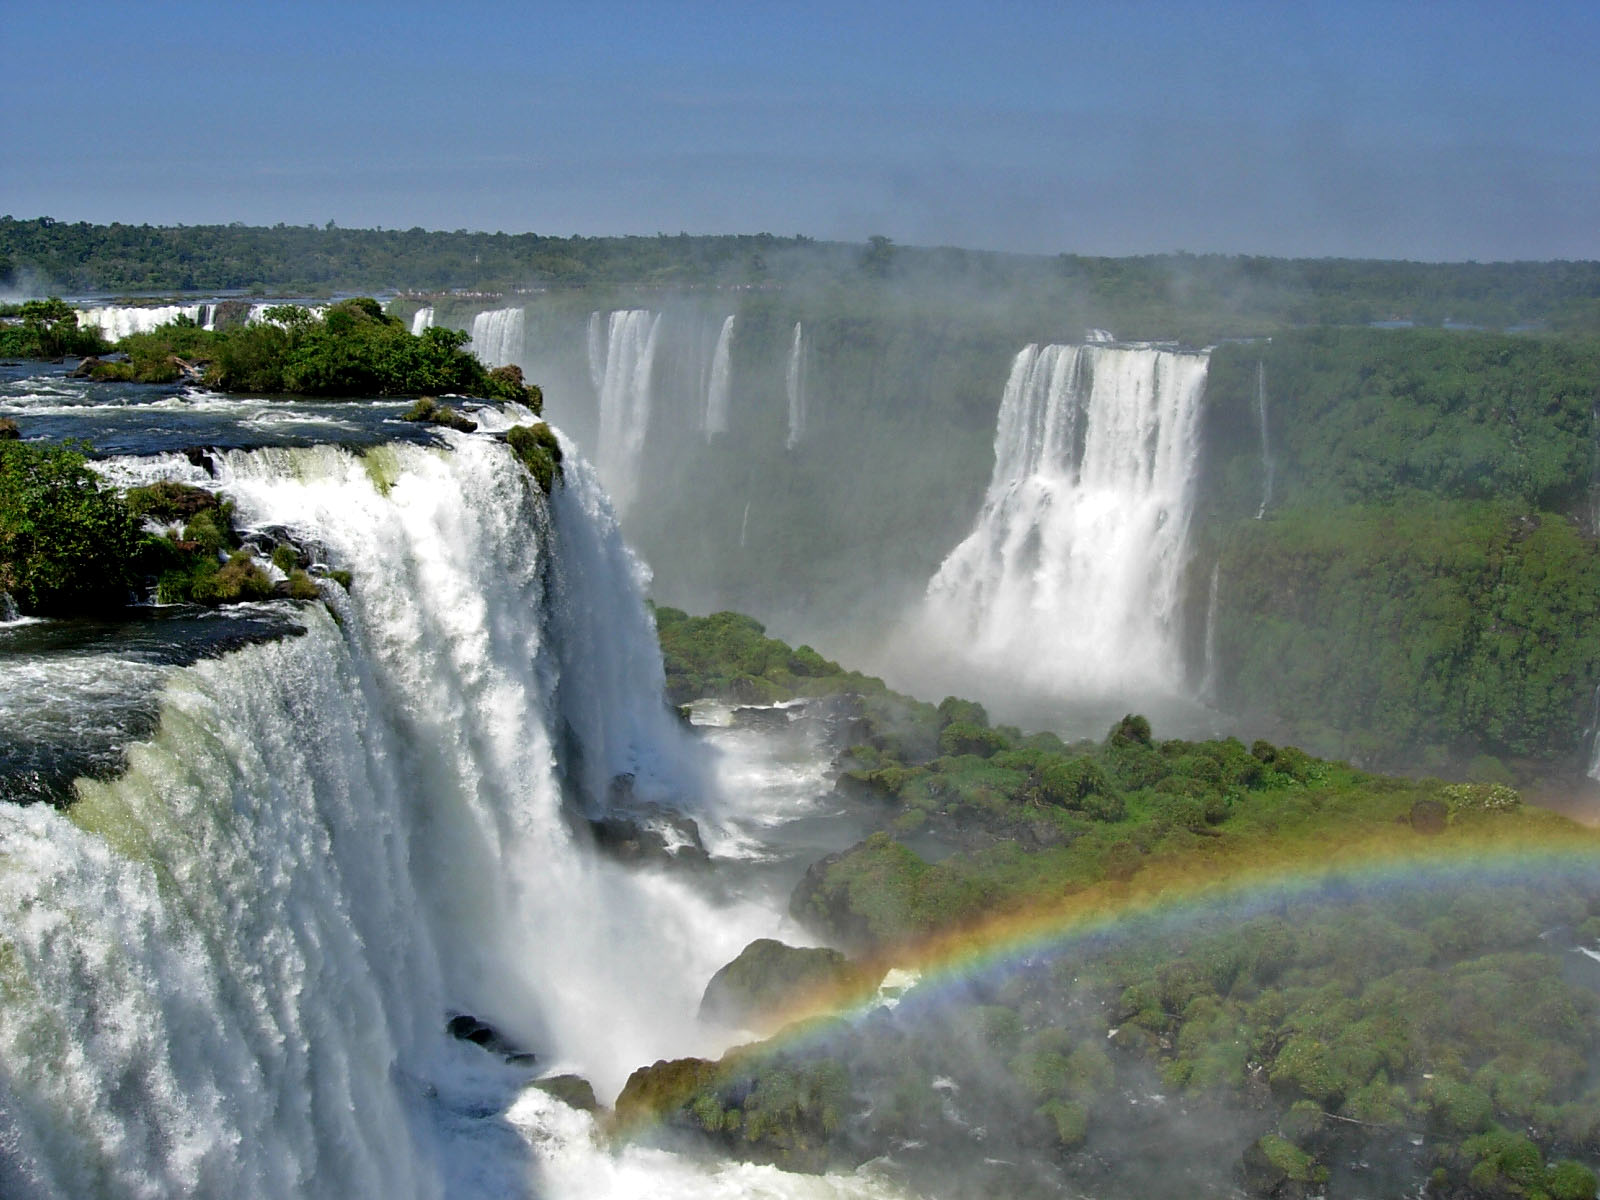 http://3.bp.blogspot.com/-ZygxdgdegbI/TrV4u7x25PI/AAAAAAAADg0/FtZrgOomhf0/s1600/Rainbow5.jpg